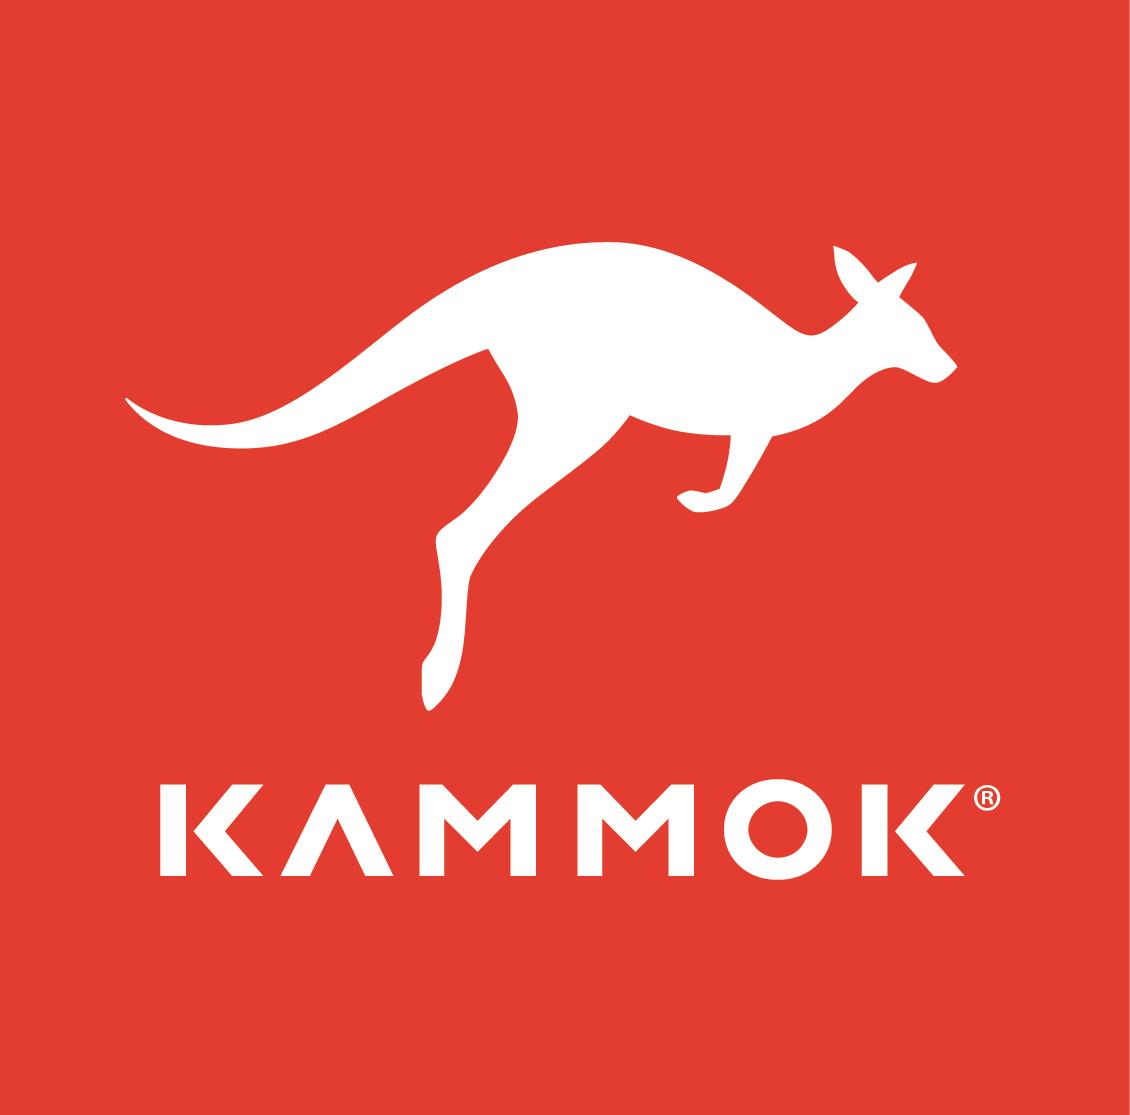 www.kammok.com